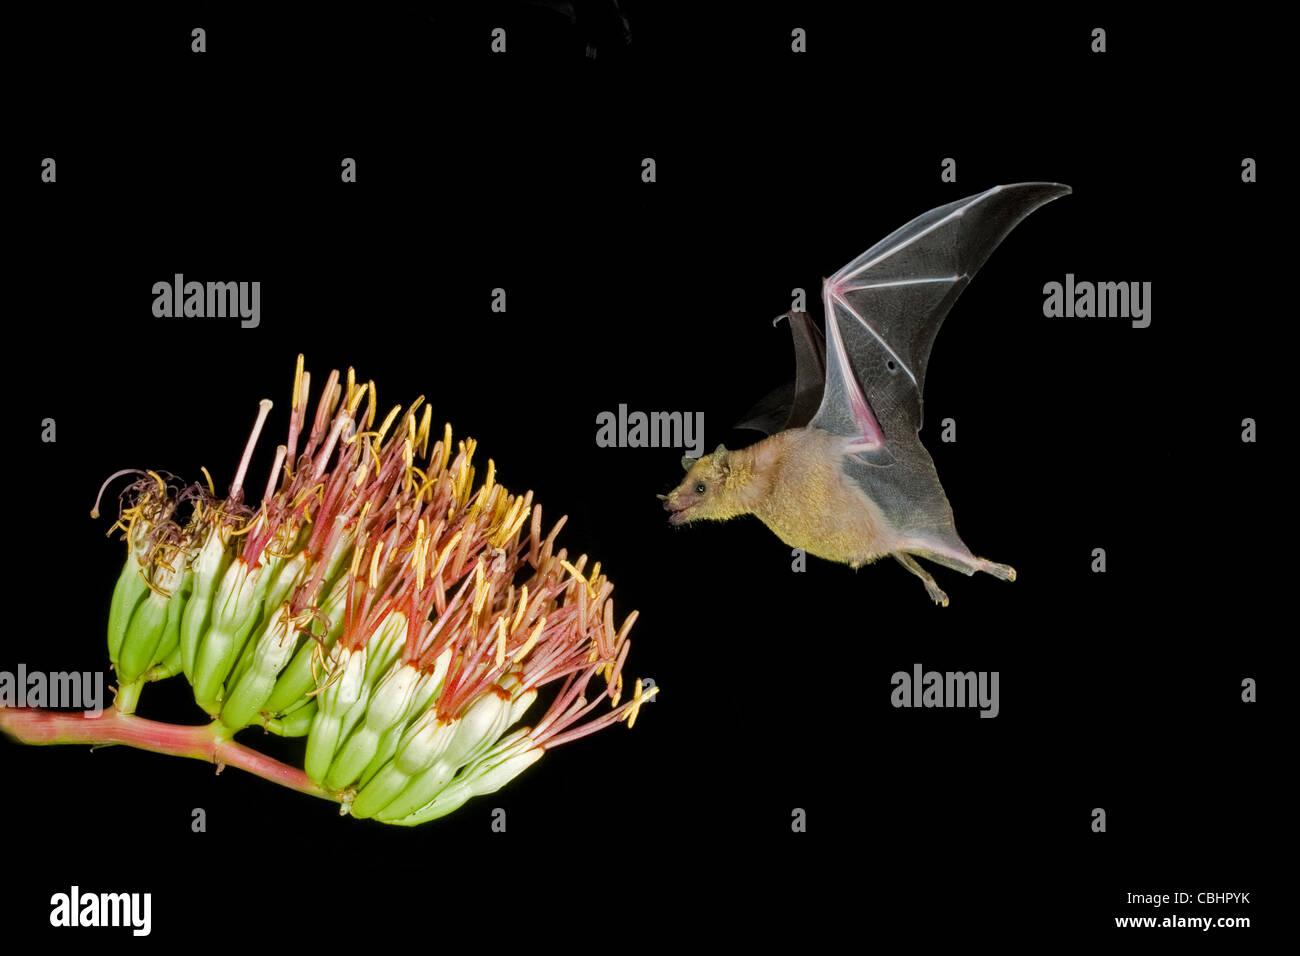 Bec long moindre Bat Leptonycteris curasoae Amado, Arizona, United States 23 août adulte à Parry's fleurs d'Agave. Banque D'Images